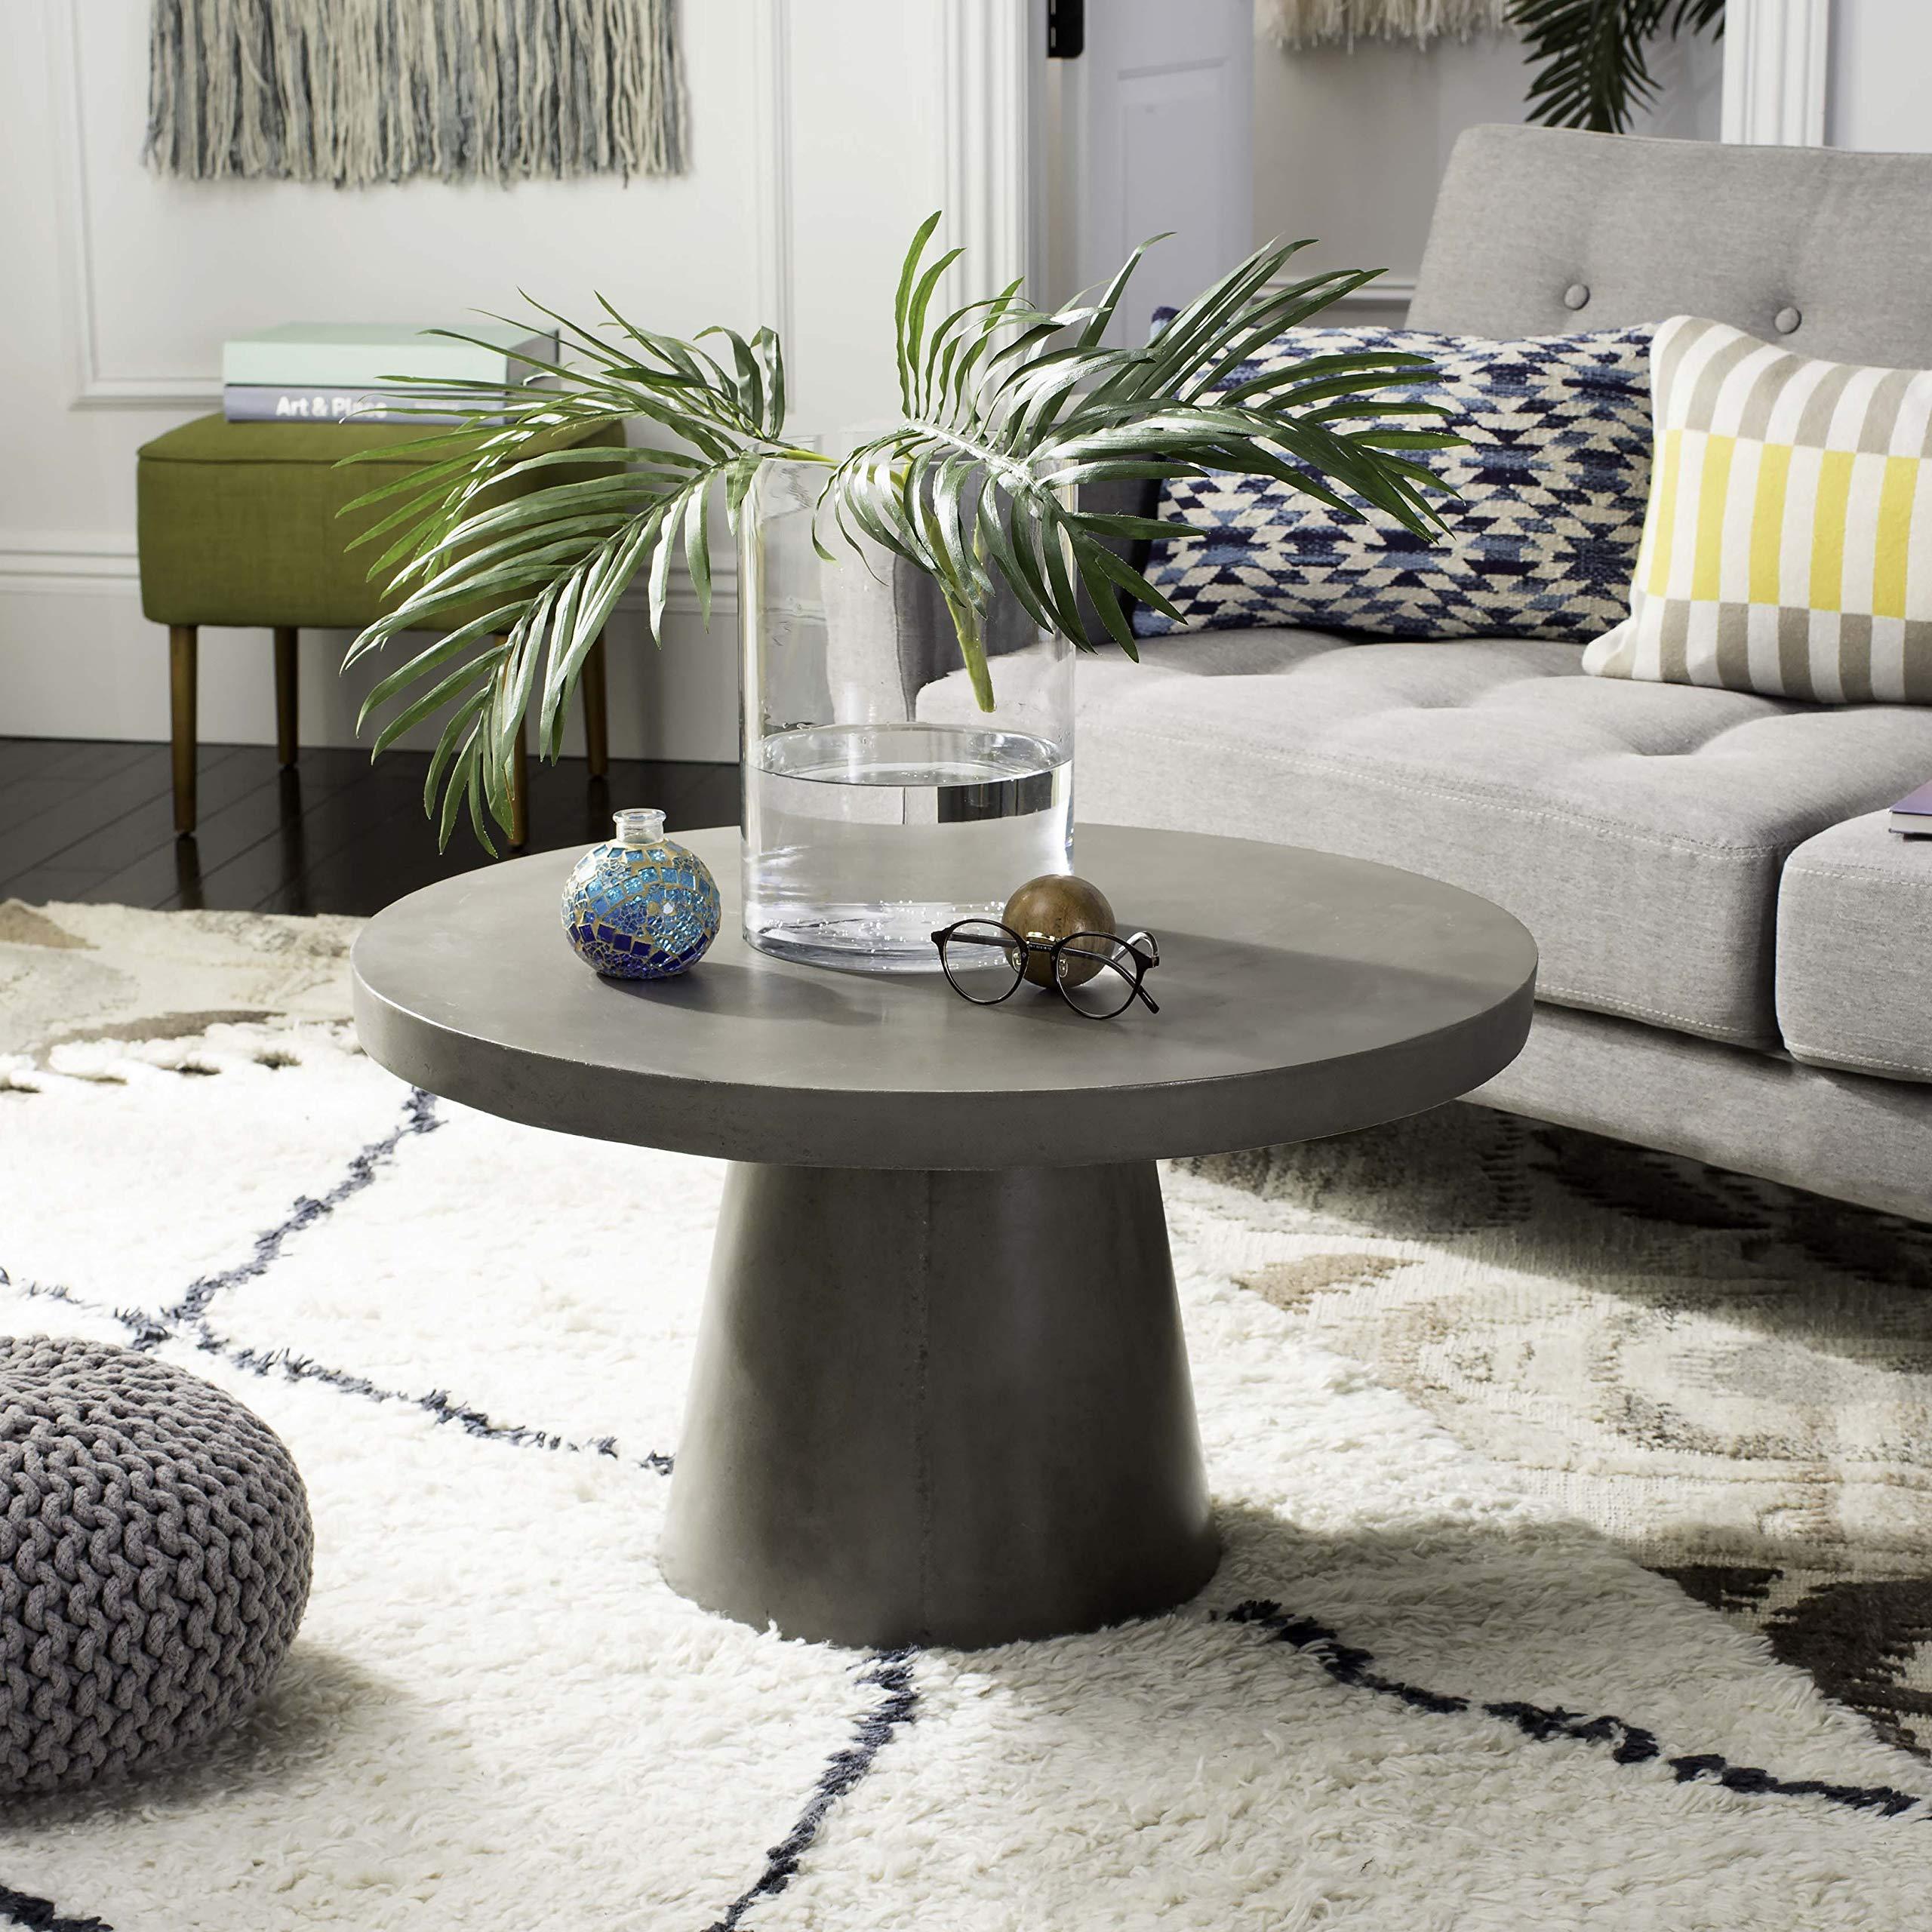 Safavieh VNN1014A Collection Delfia Dark Grey Indoor/Outdoor Modern Concrete Round 27.56'' Coffee Table